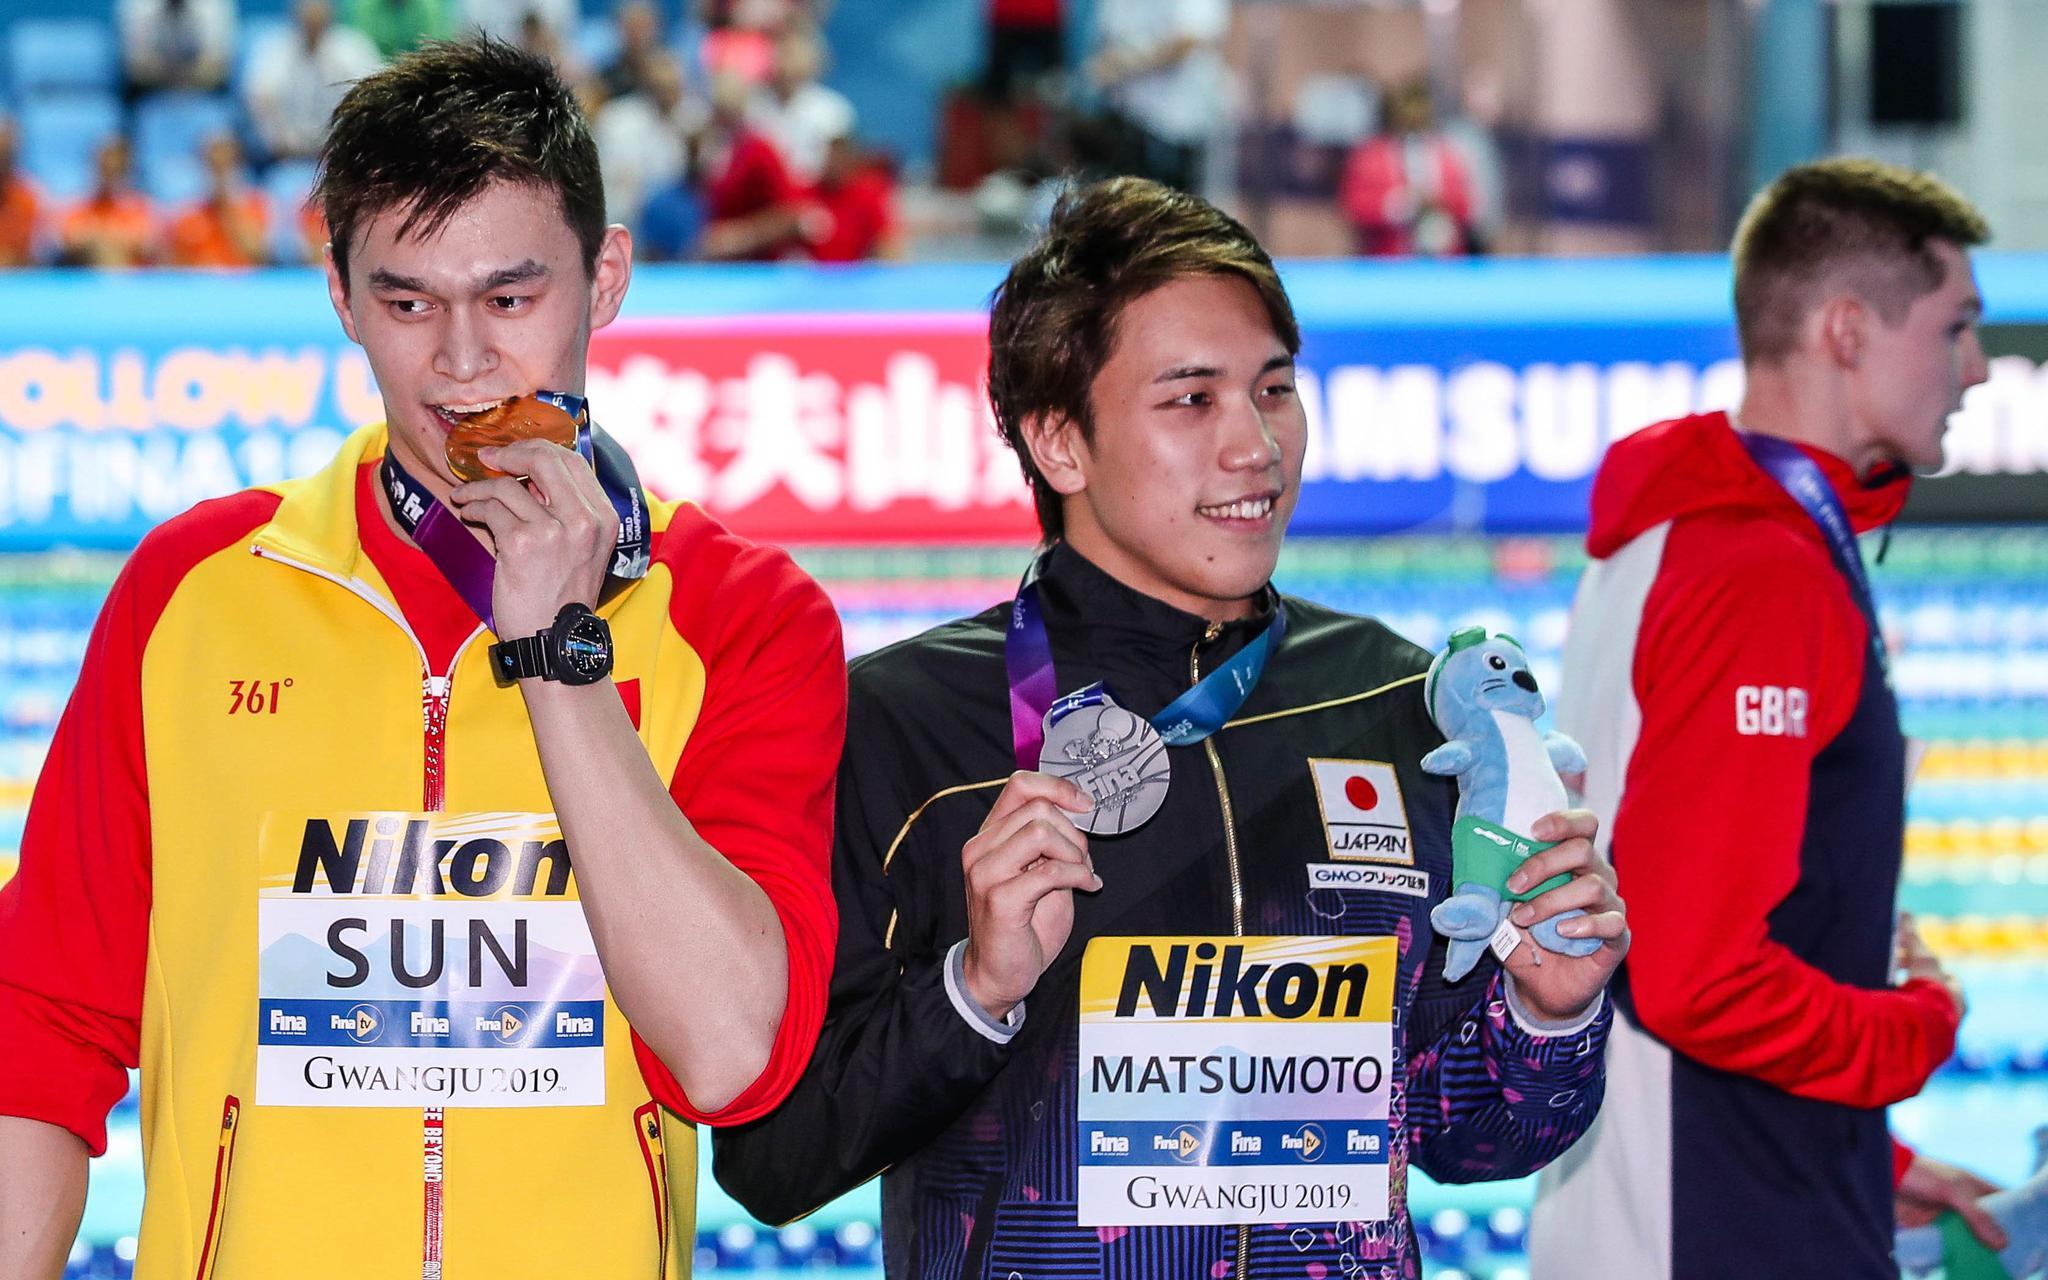 孙杨的运动生计打上了问号。图/Osports